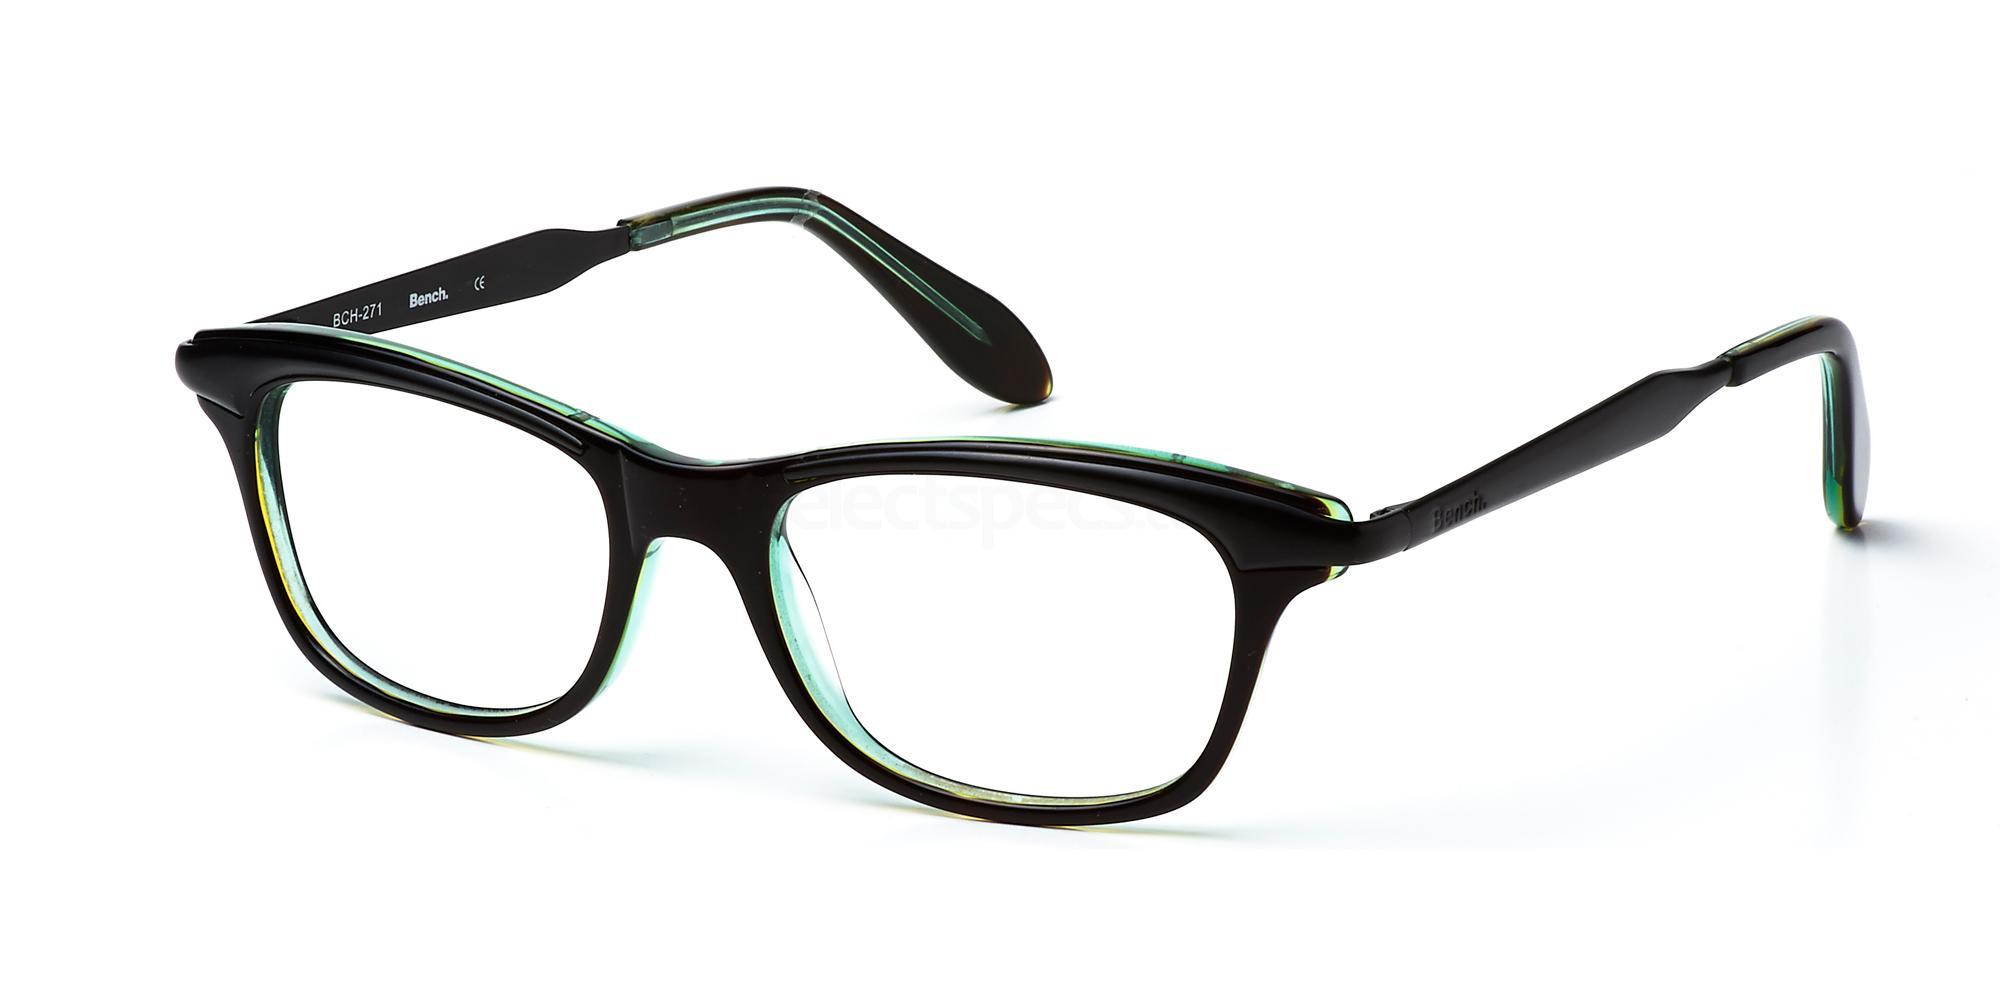 C3 BCH271 Glasses, Bench